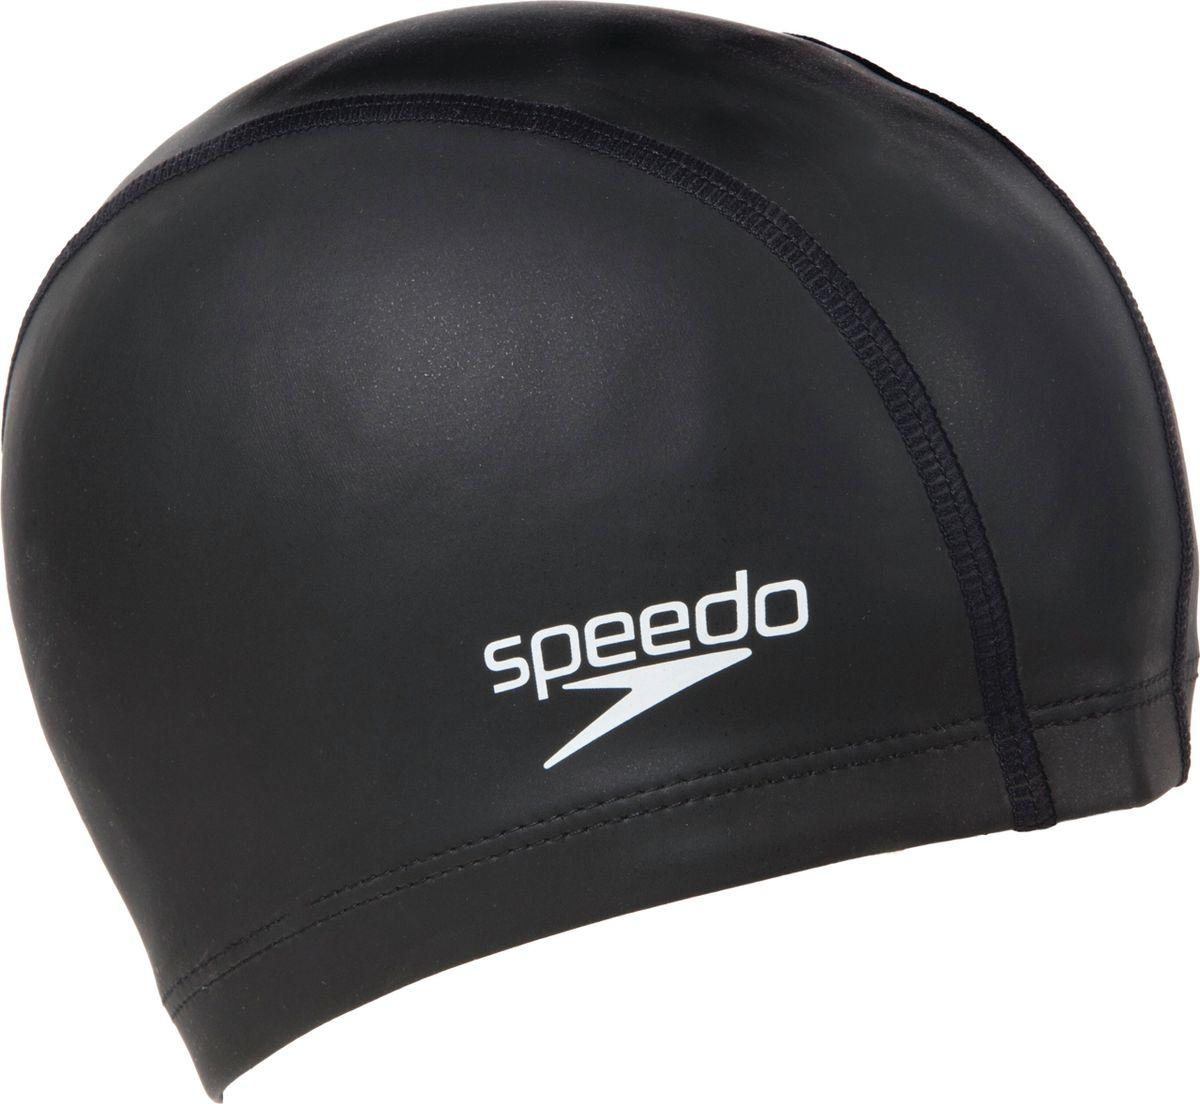 Шапочка для плавания Speedo Ultra Pace Cap Au, цвет: черный8-017310001Силиконовая шапочка Speedo Ultra Pace Cap Au обеспечивает плотное прилегание и полную защиту от попадания воды. Отлично подойдет для тренировок в бассейне.